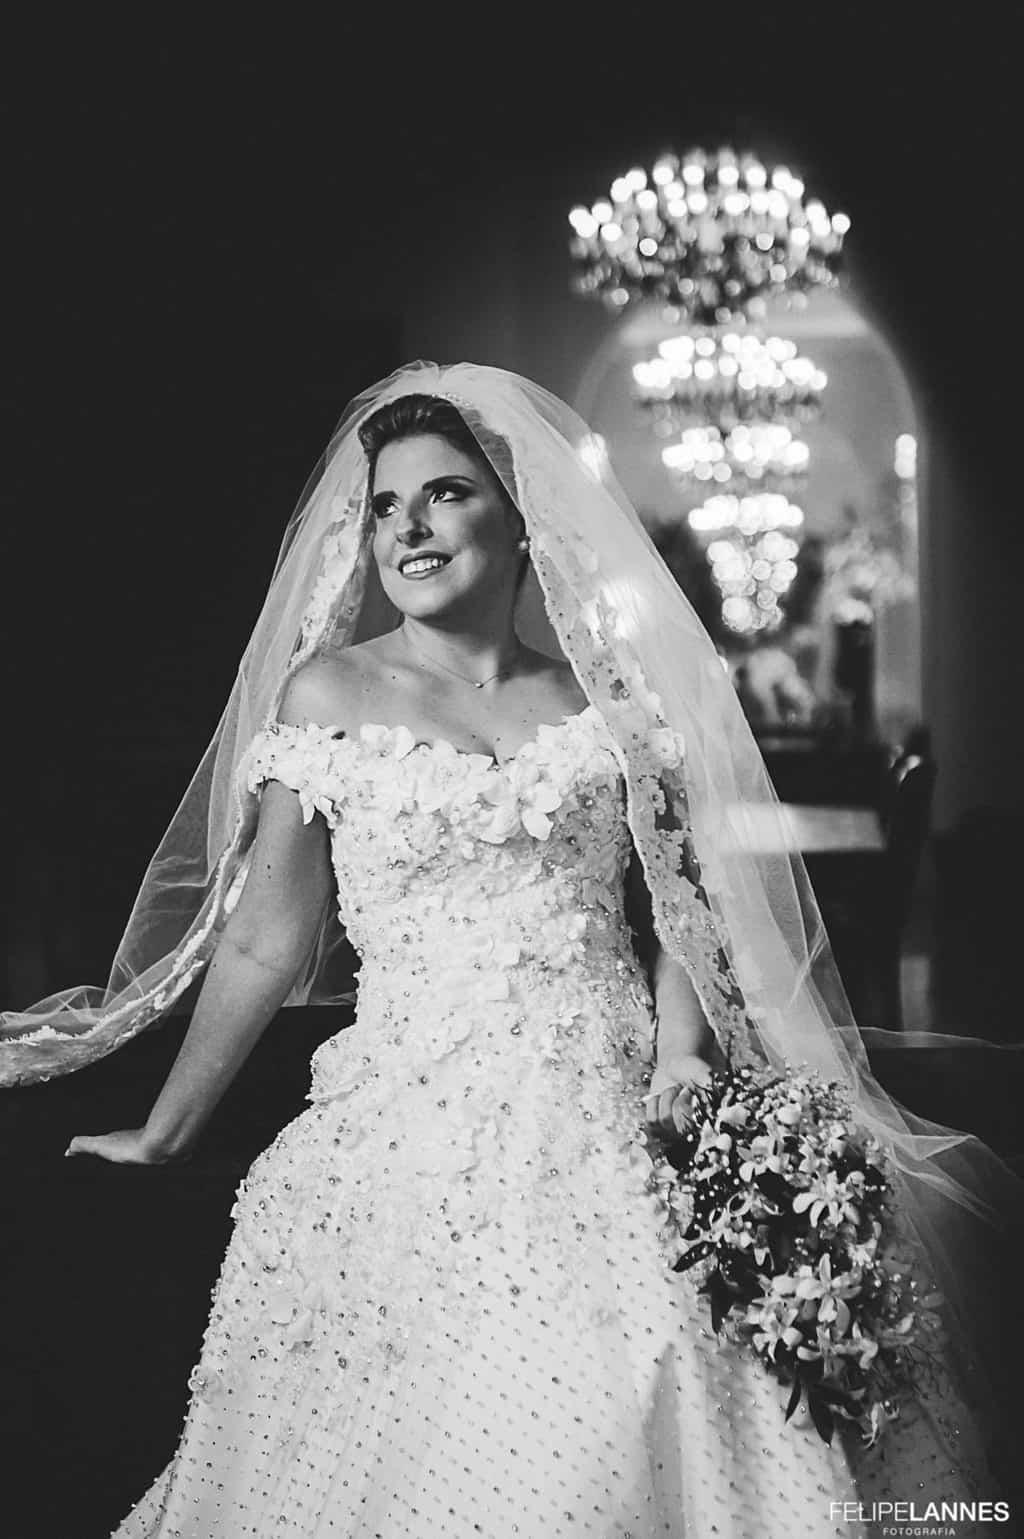 Casamento-Beatrice-e-Luiz-Augusto-casamento-classico-fotografia-Felipe-Lannes-noiva20